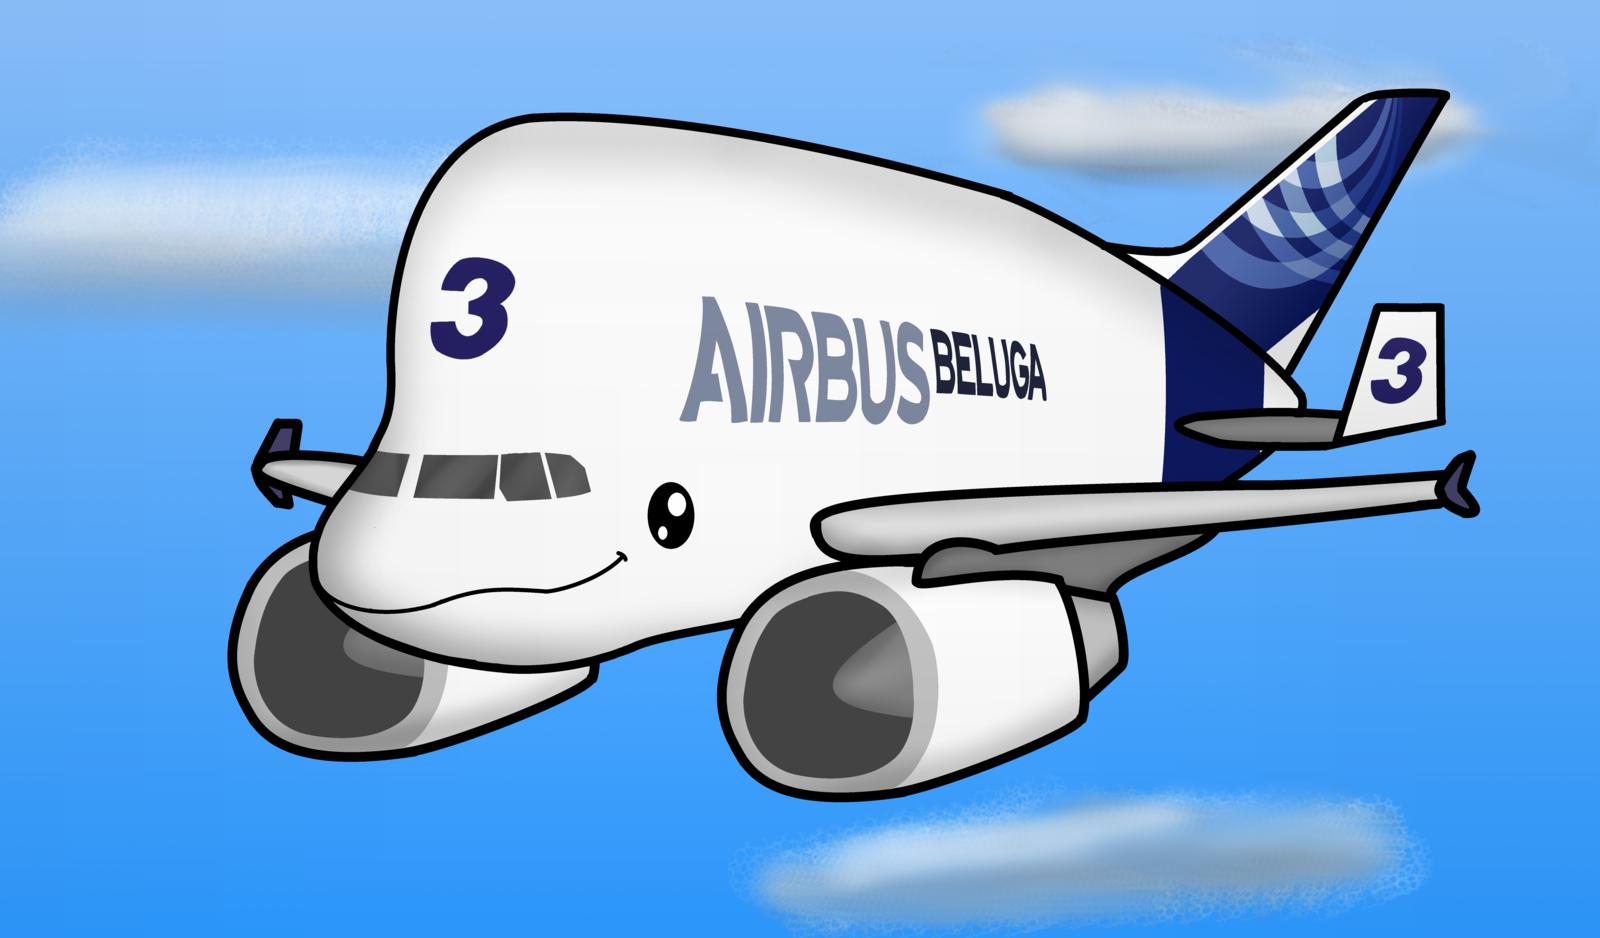 Drawn airplane chibi #11